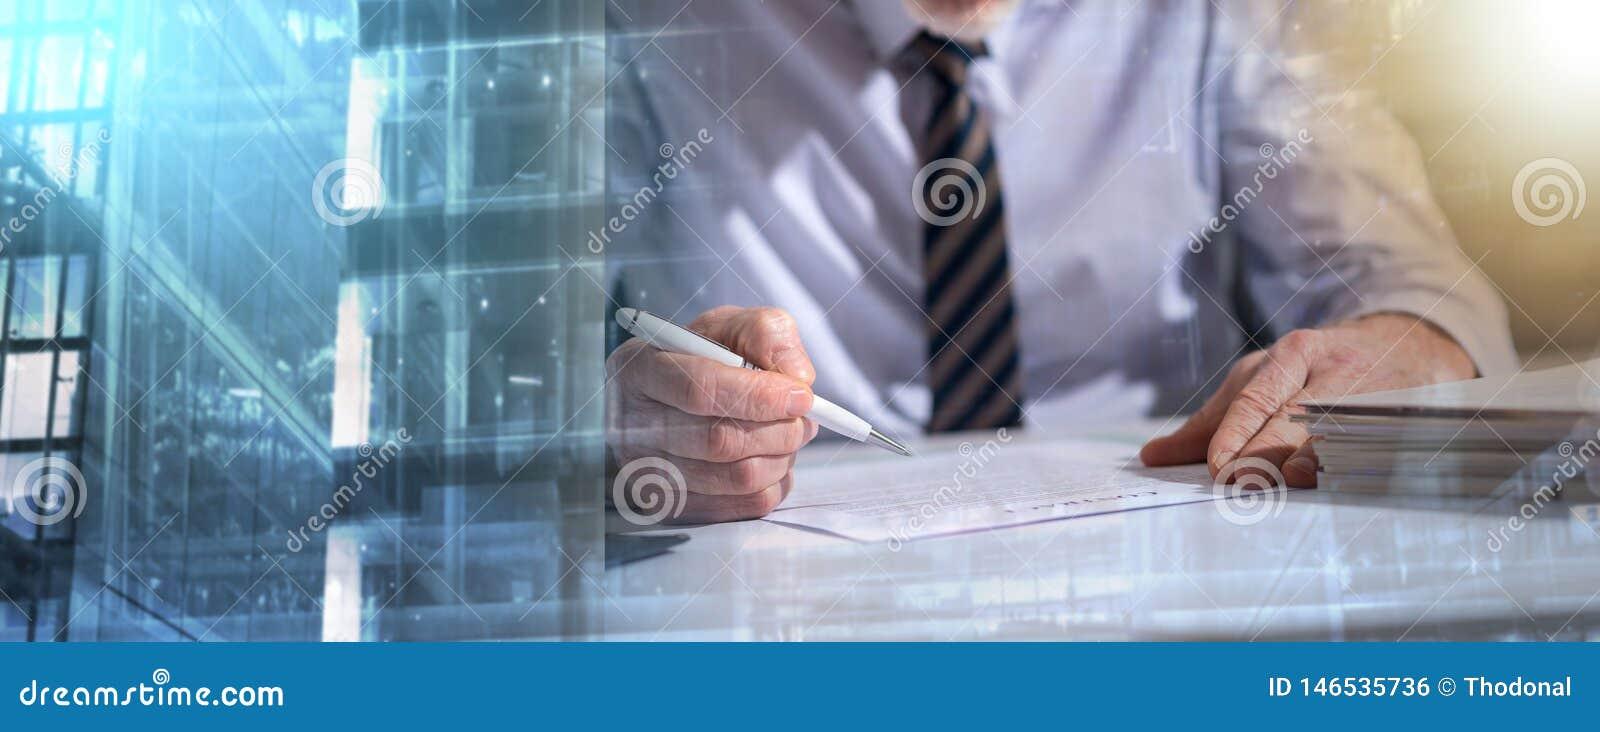 Hombre de negocios que comprueba un documento; exposición múltiple